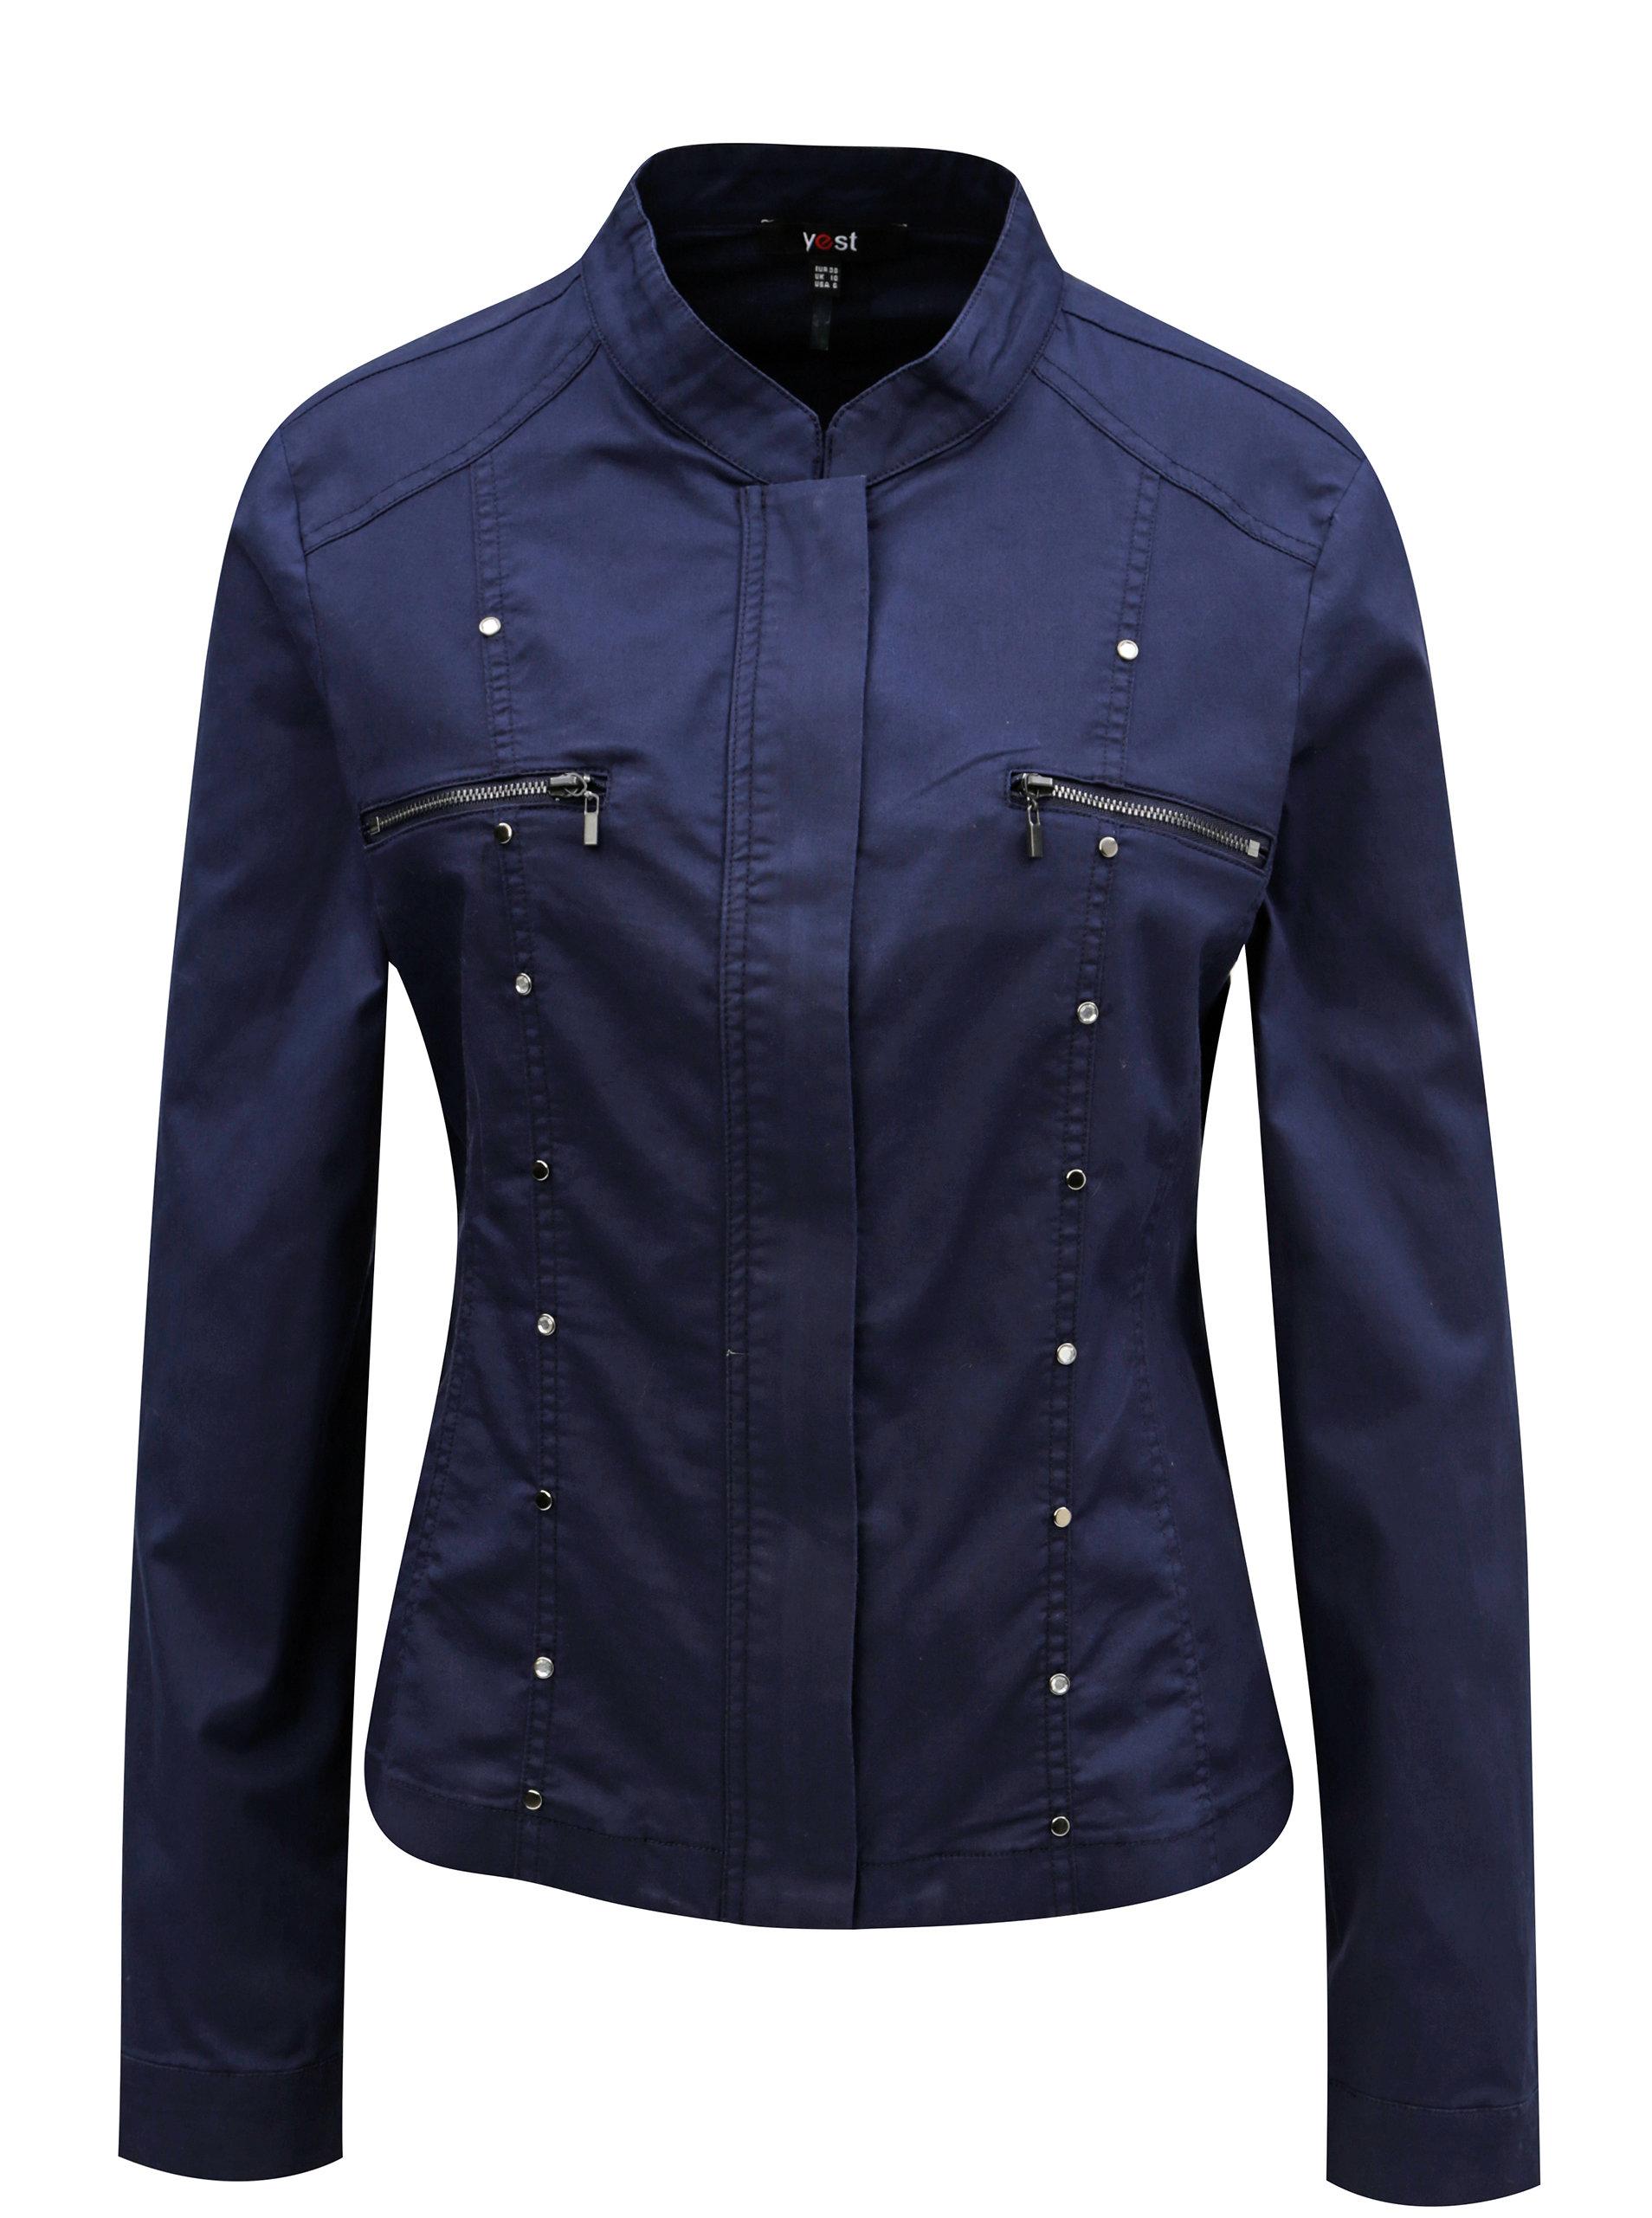 Tmavě modrá lehká bunda s kovovou aplikací Yest